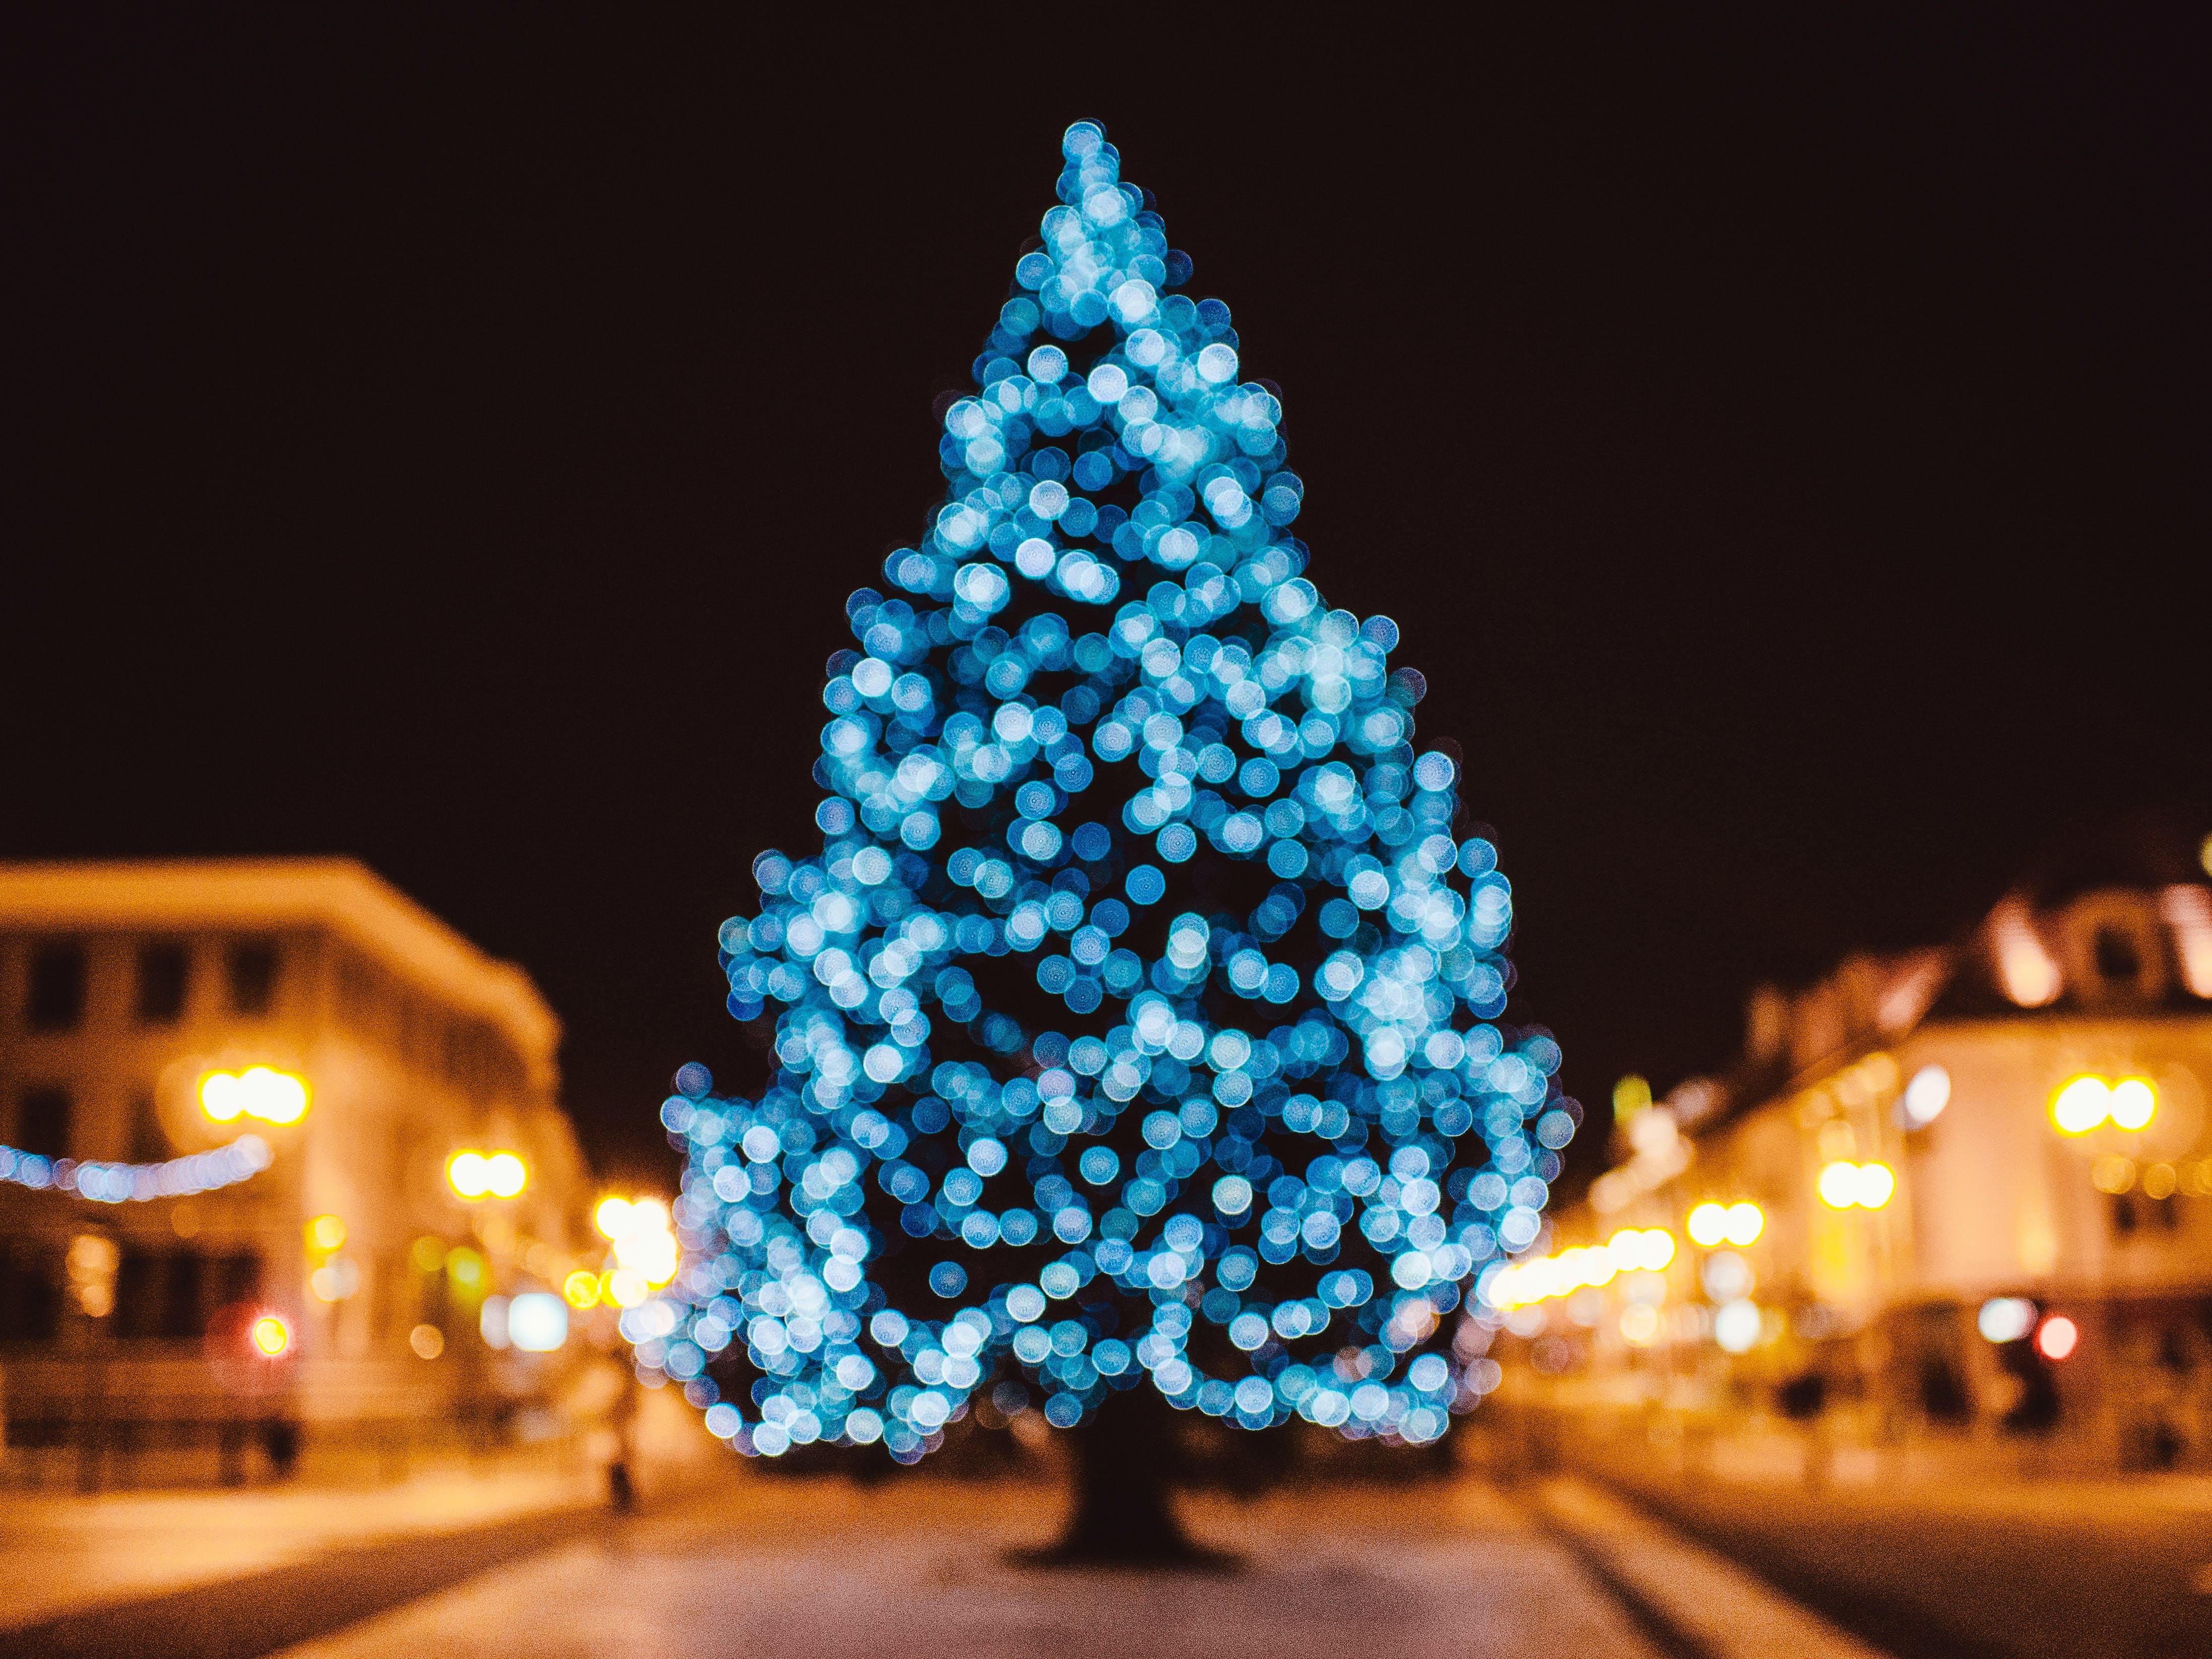 Kostenloses Stock Foto zu verschwimmen, weihnachten, weihnachten wallpaper, weihnachtsbaum